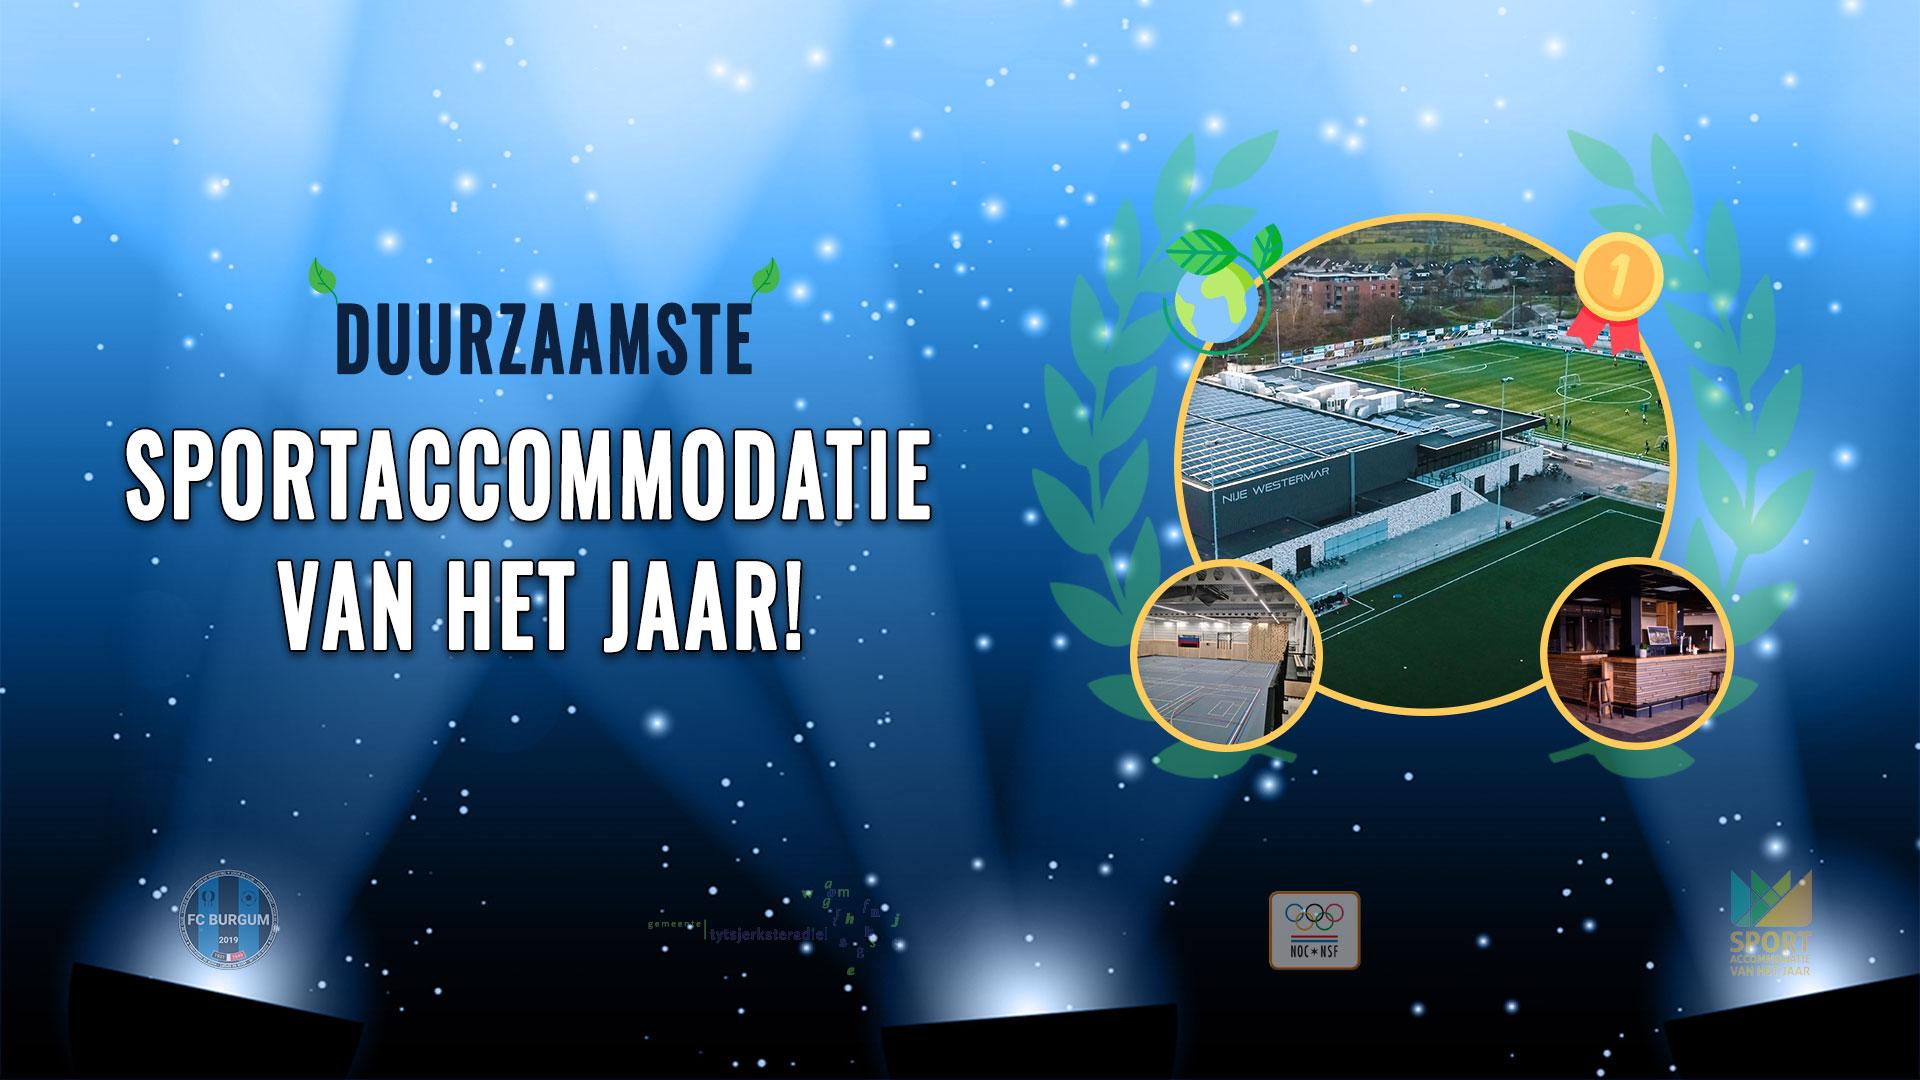 Nije Westermar winnaar Sportaccommodatie van het Jaar